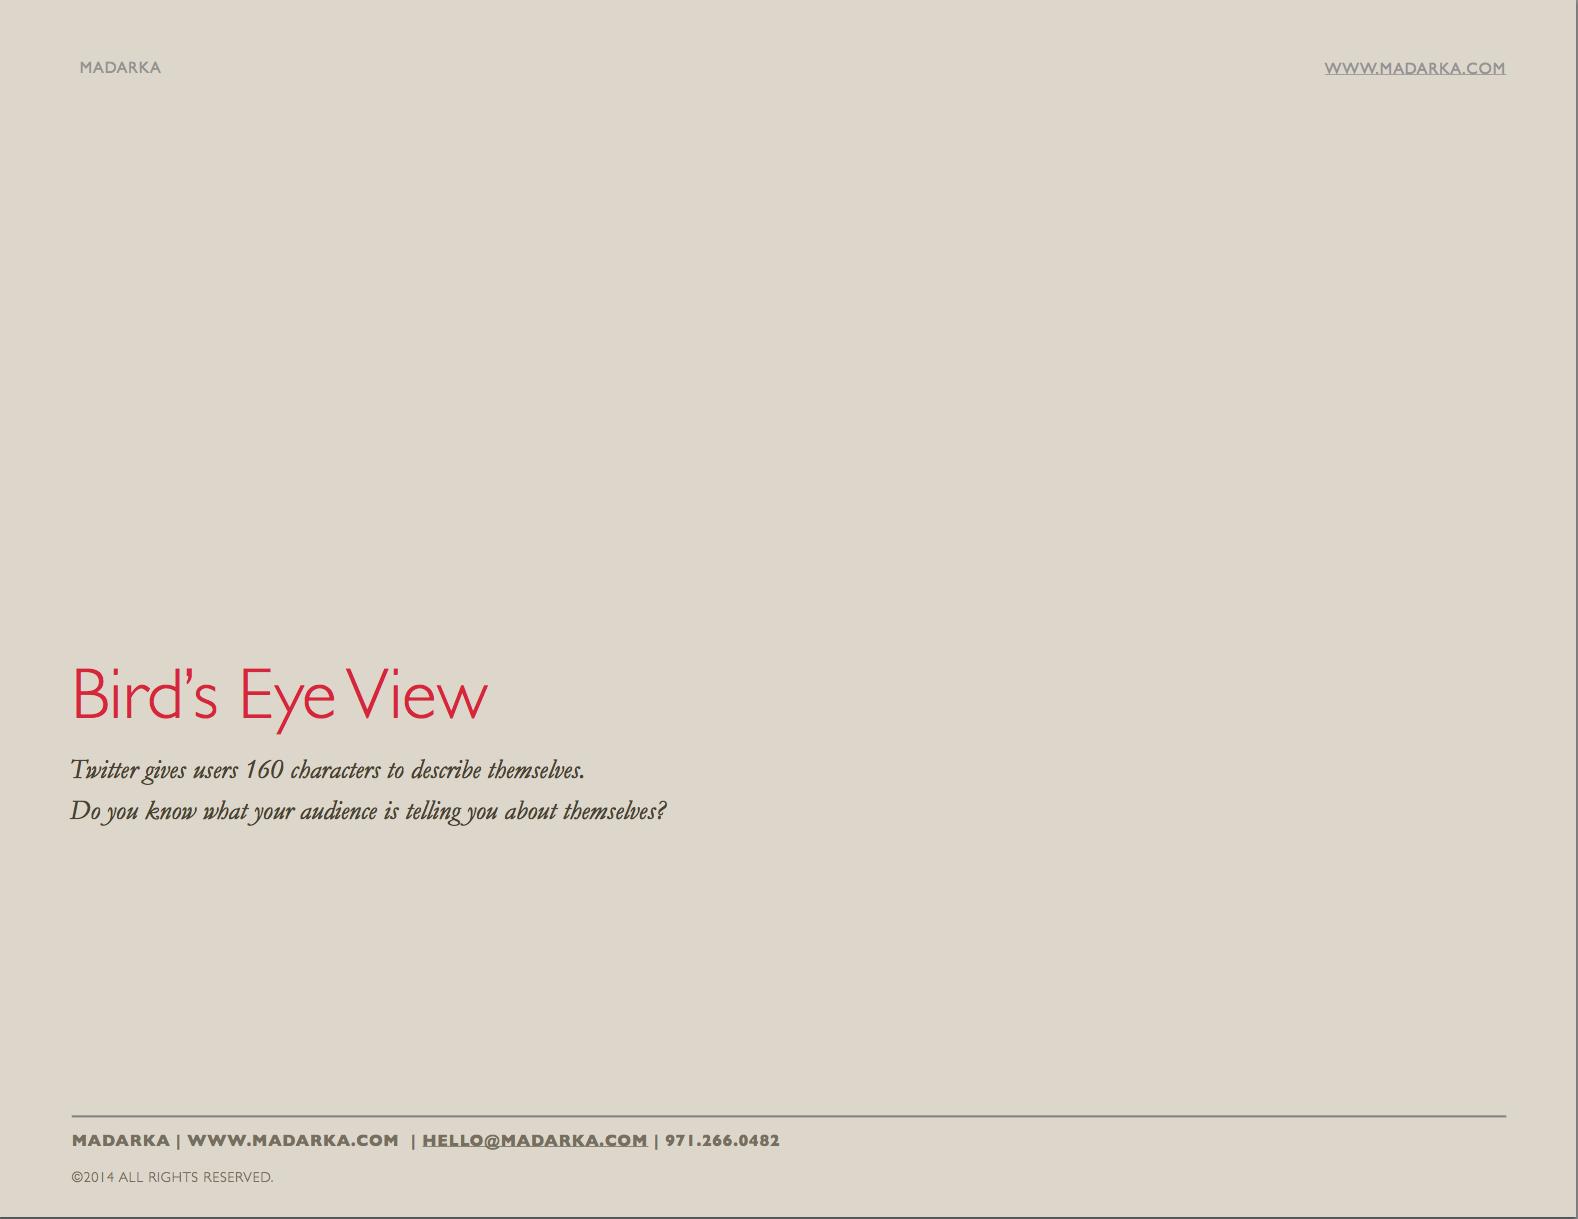 Screen Shot 2014-09-06 at 4.17.37 PM.png